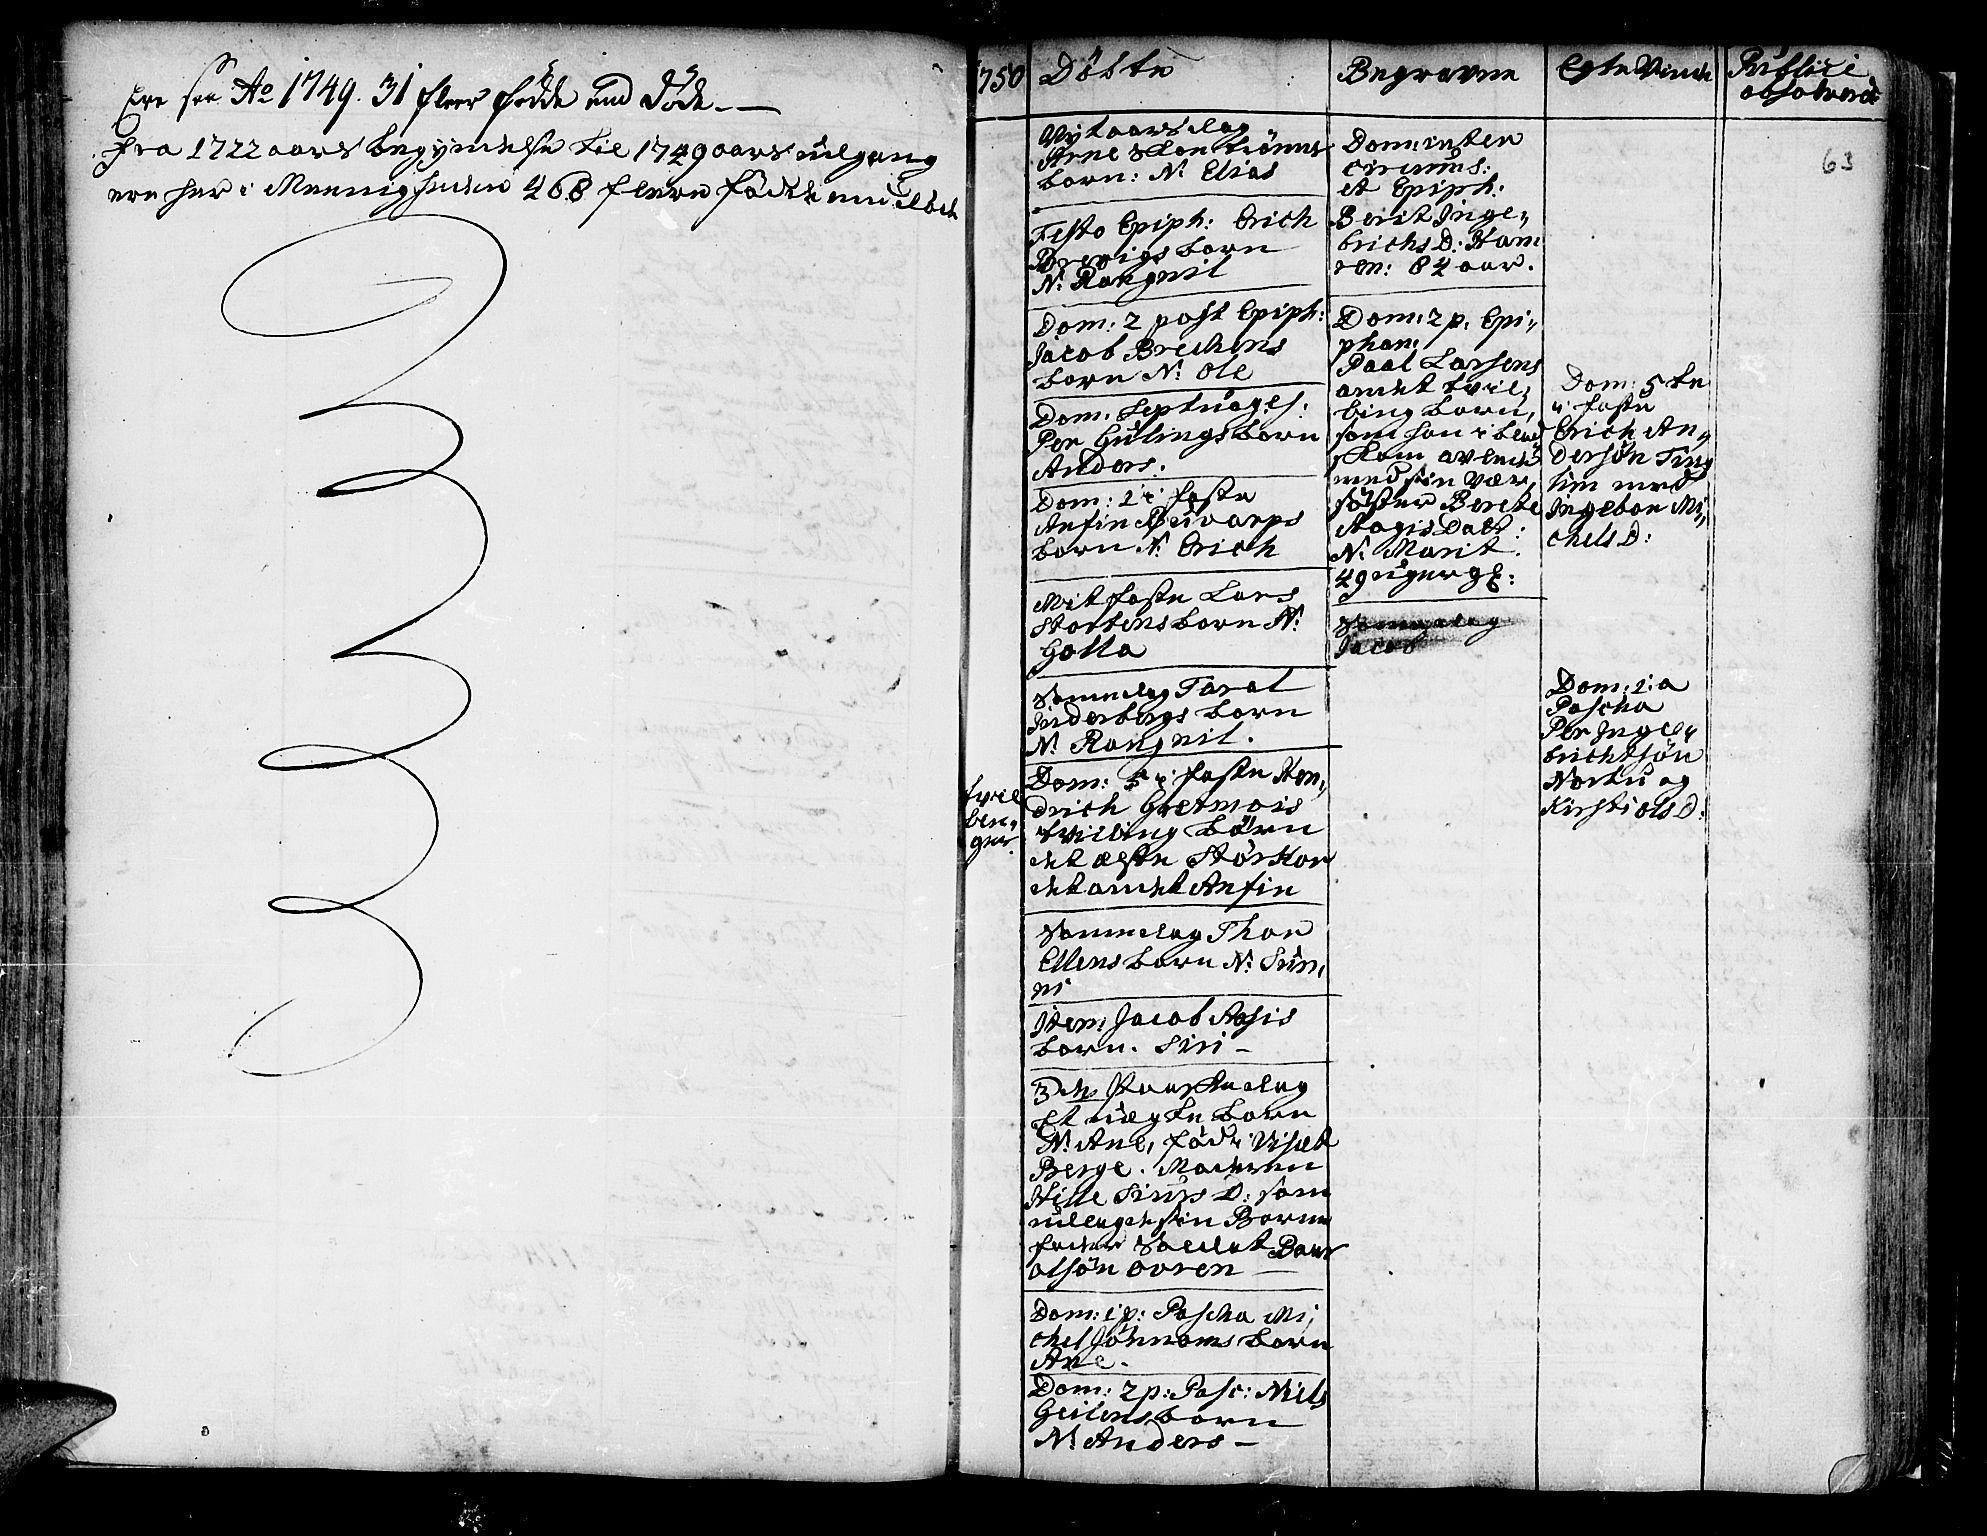 SAT, Ministerialprotokoller, klokkerbøker og fødselsregistre - Nord-Trøndelag, 741/L0385: Ministerialbok nr. 741A01, 1722-1815, s. 63